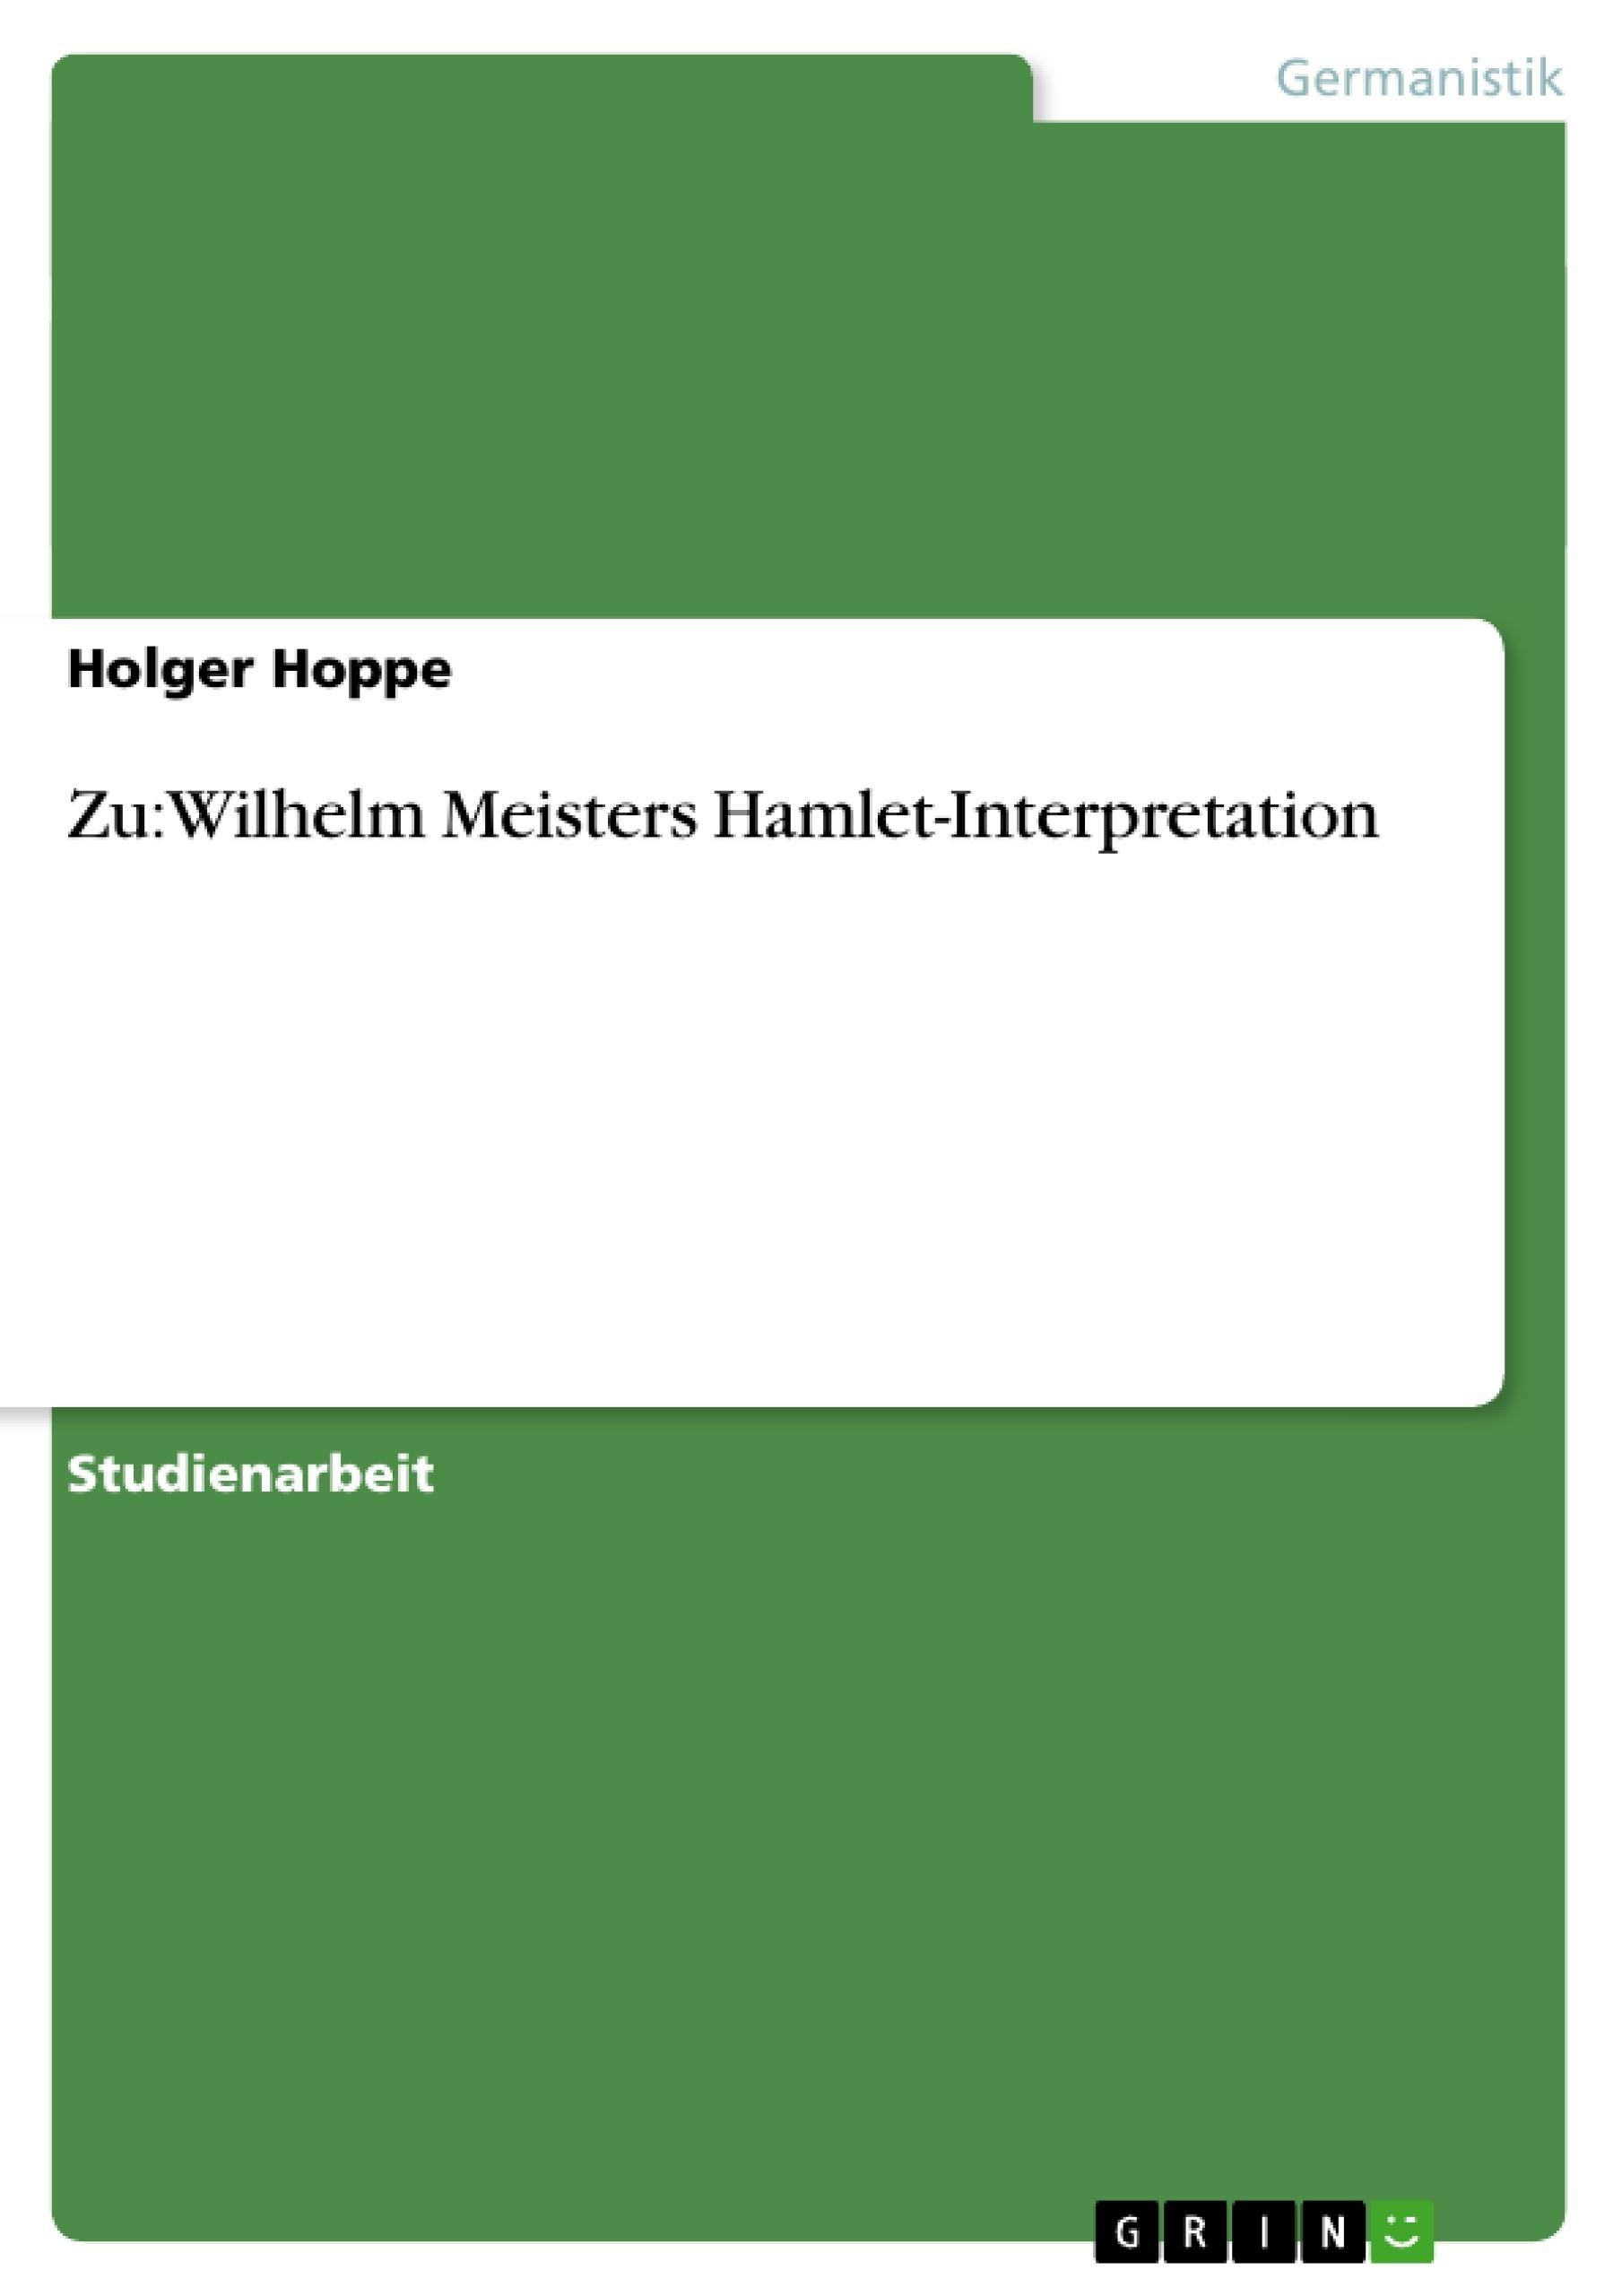 Titel: Zu: Wilhelm Meisters Hamlet-Interpretation